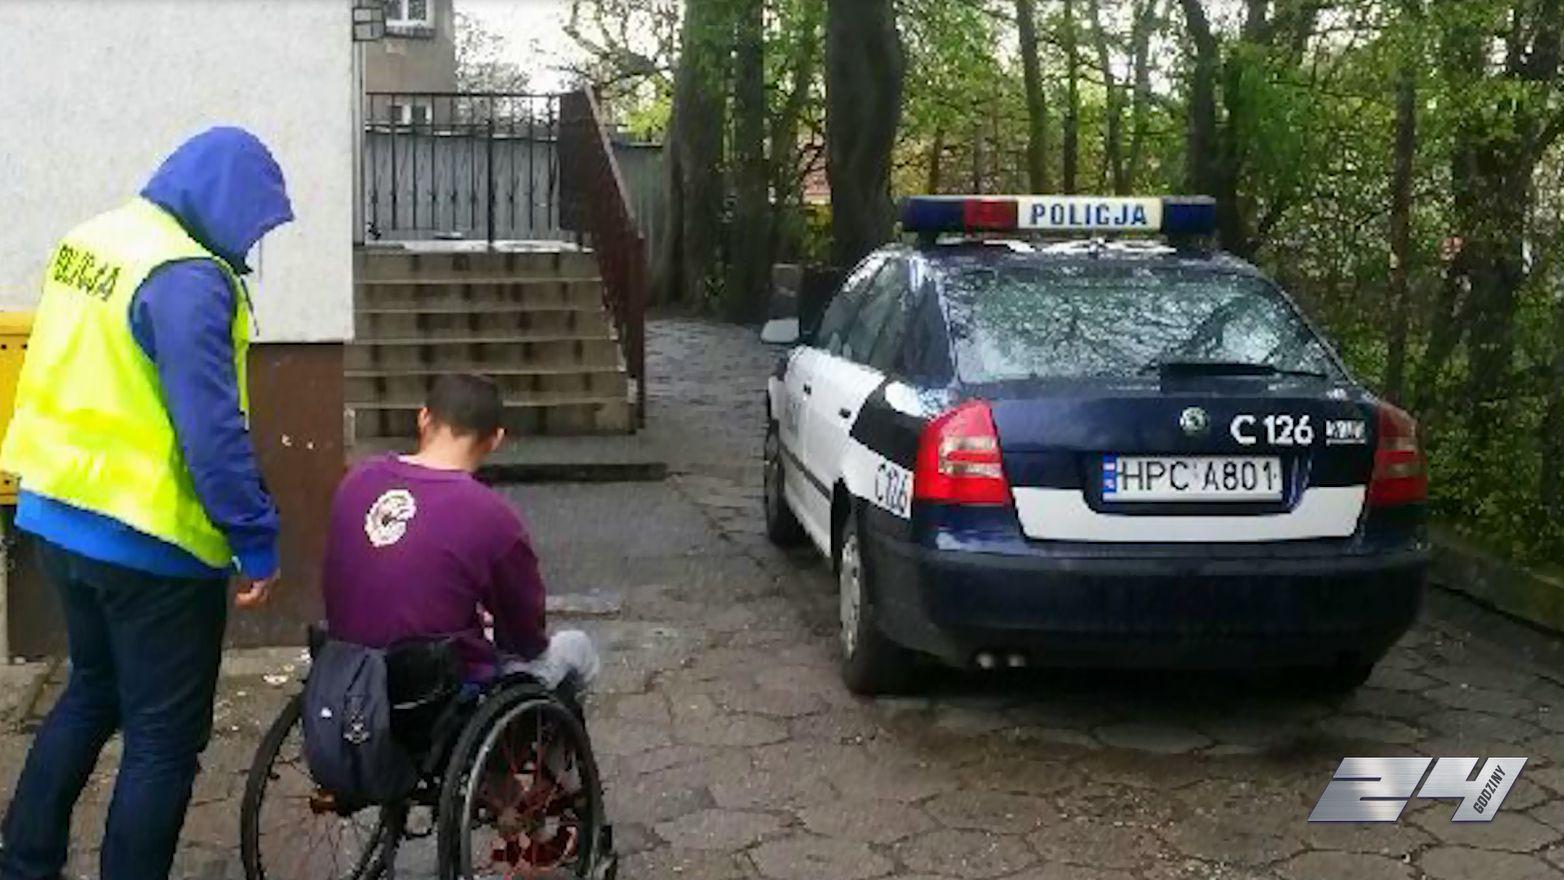 Bezrobotny na wózku inwalidzkim dilerem narkotyków